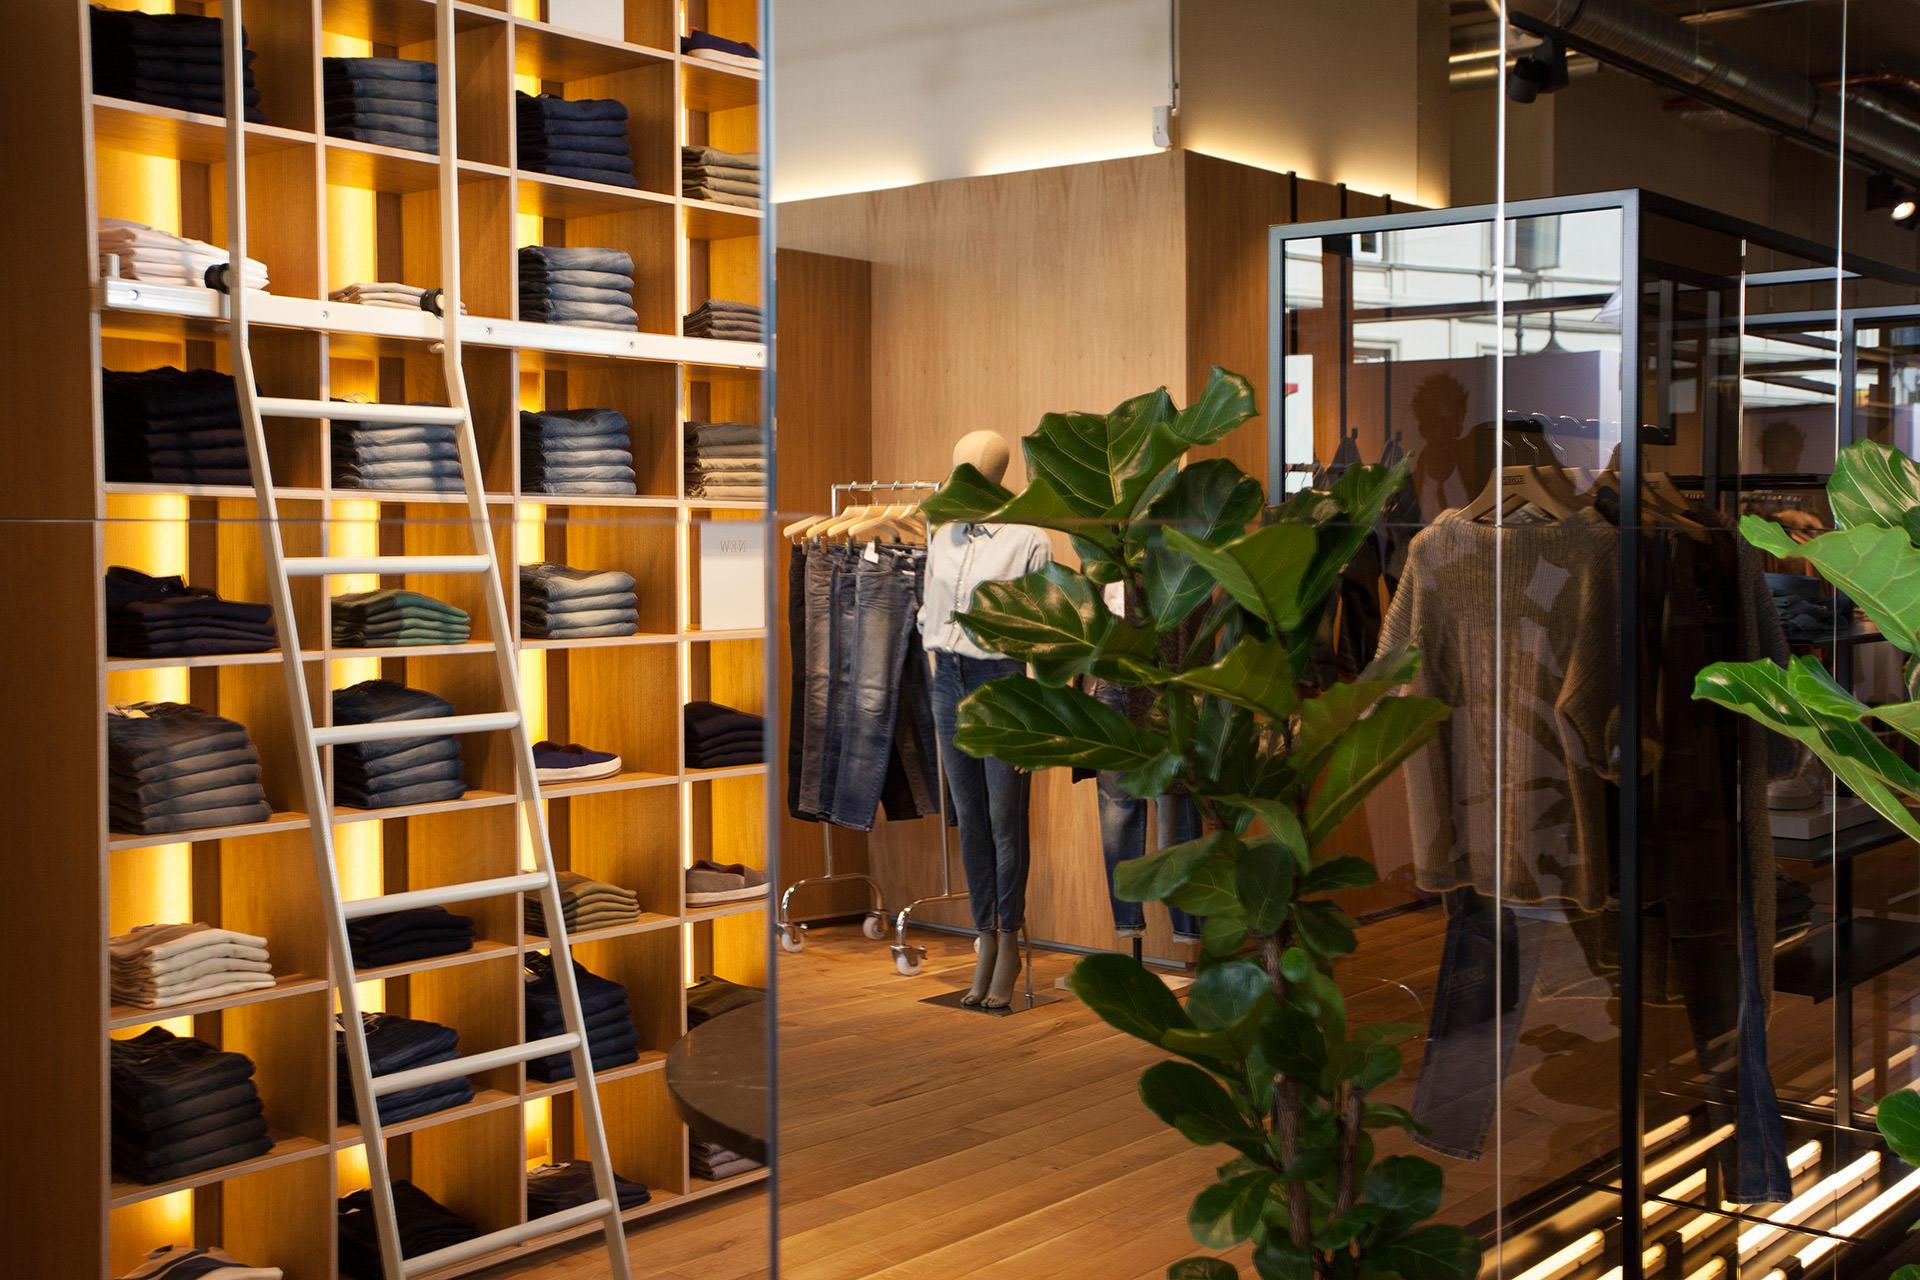 Designlovr alles zu architektur design und fotografie for Design hotel oldenburg